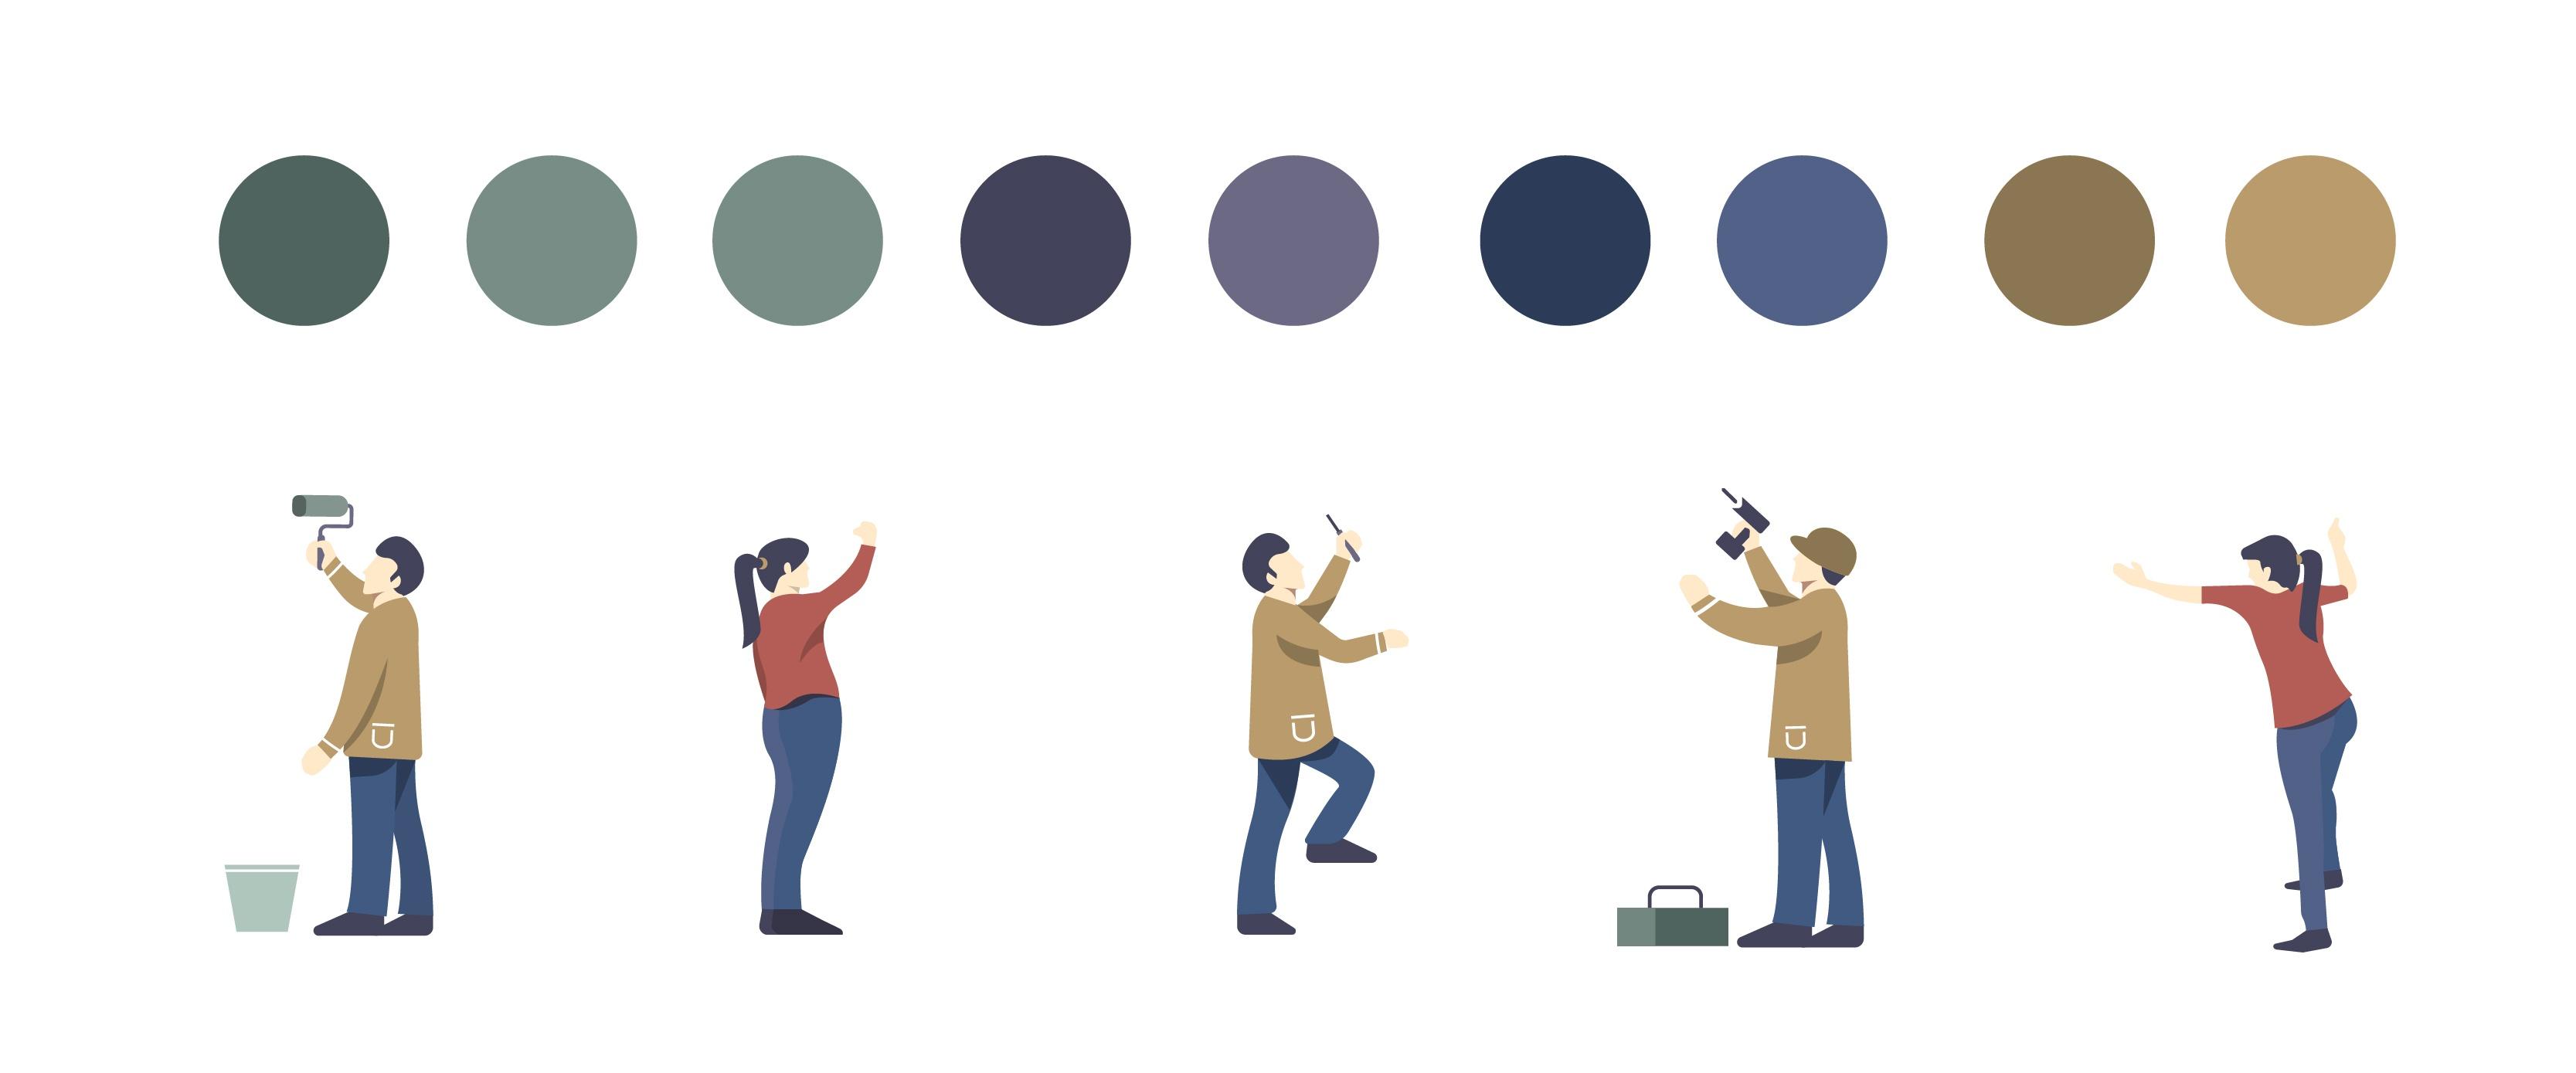 paleta de color , personajes y ilustración de escaleras y andamios